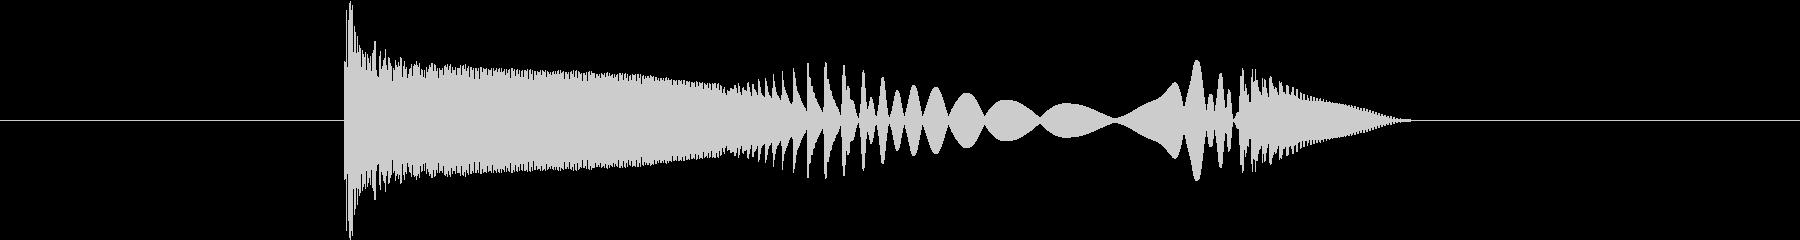 科学 フィクション 通知04の未再生の波形